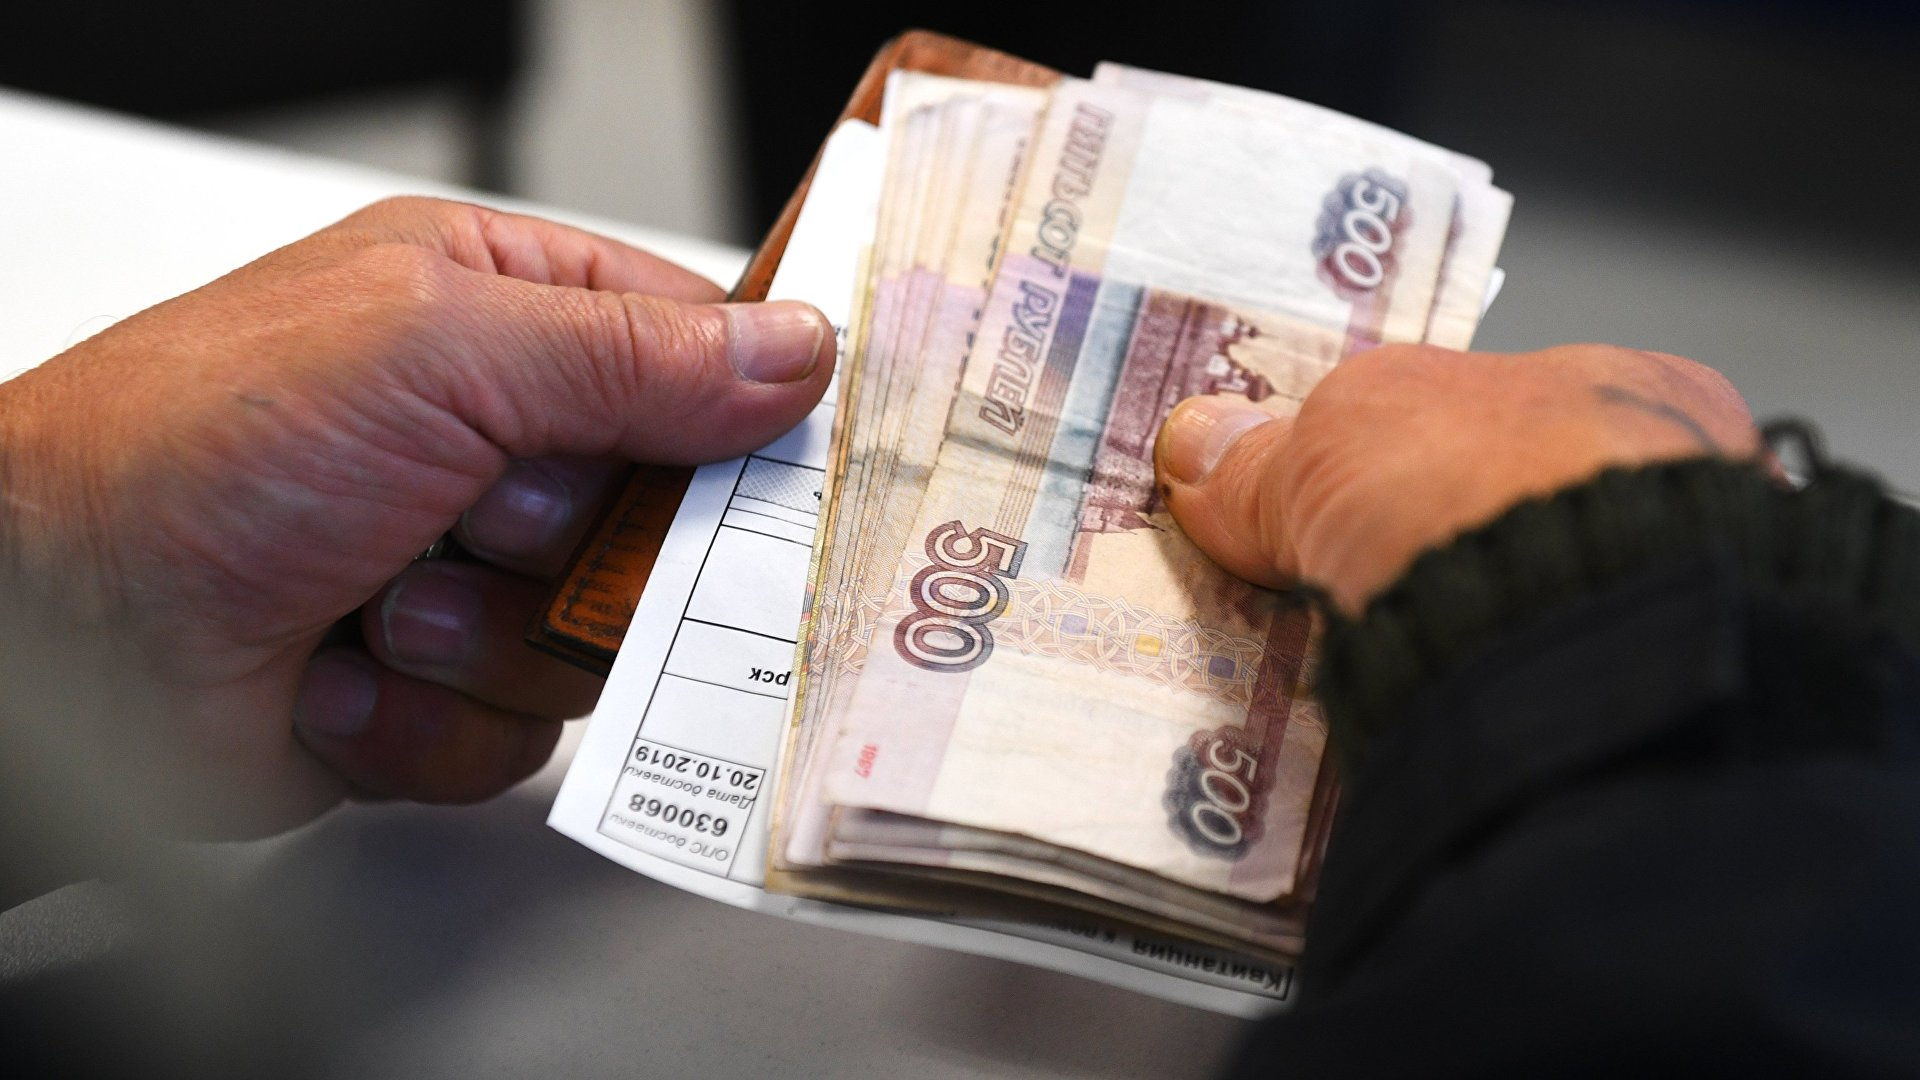 Где получить пенсию в новосибирске я в предпенсионном возрасте ищу работу и не могу найти могу